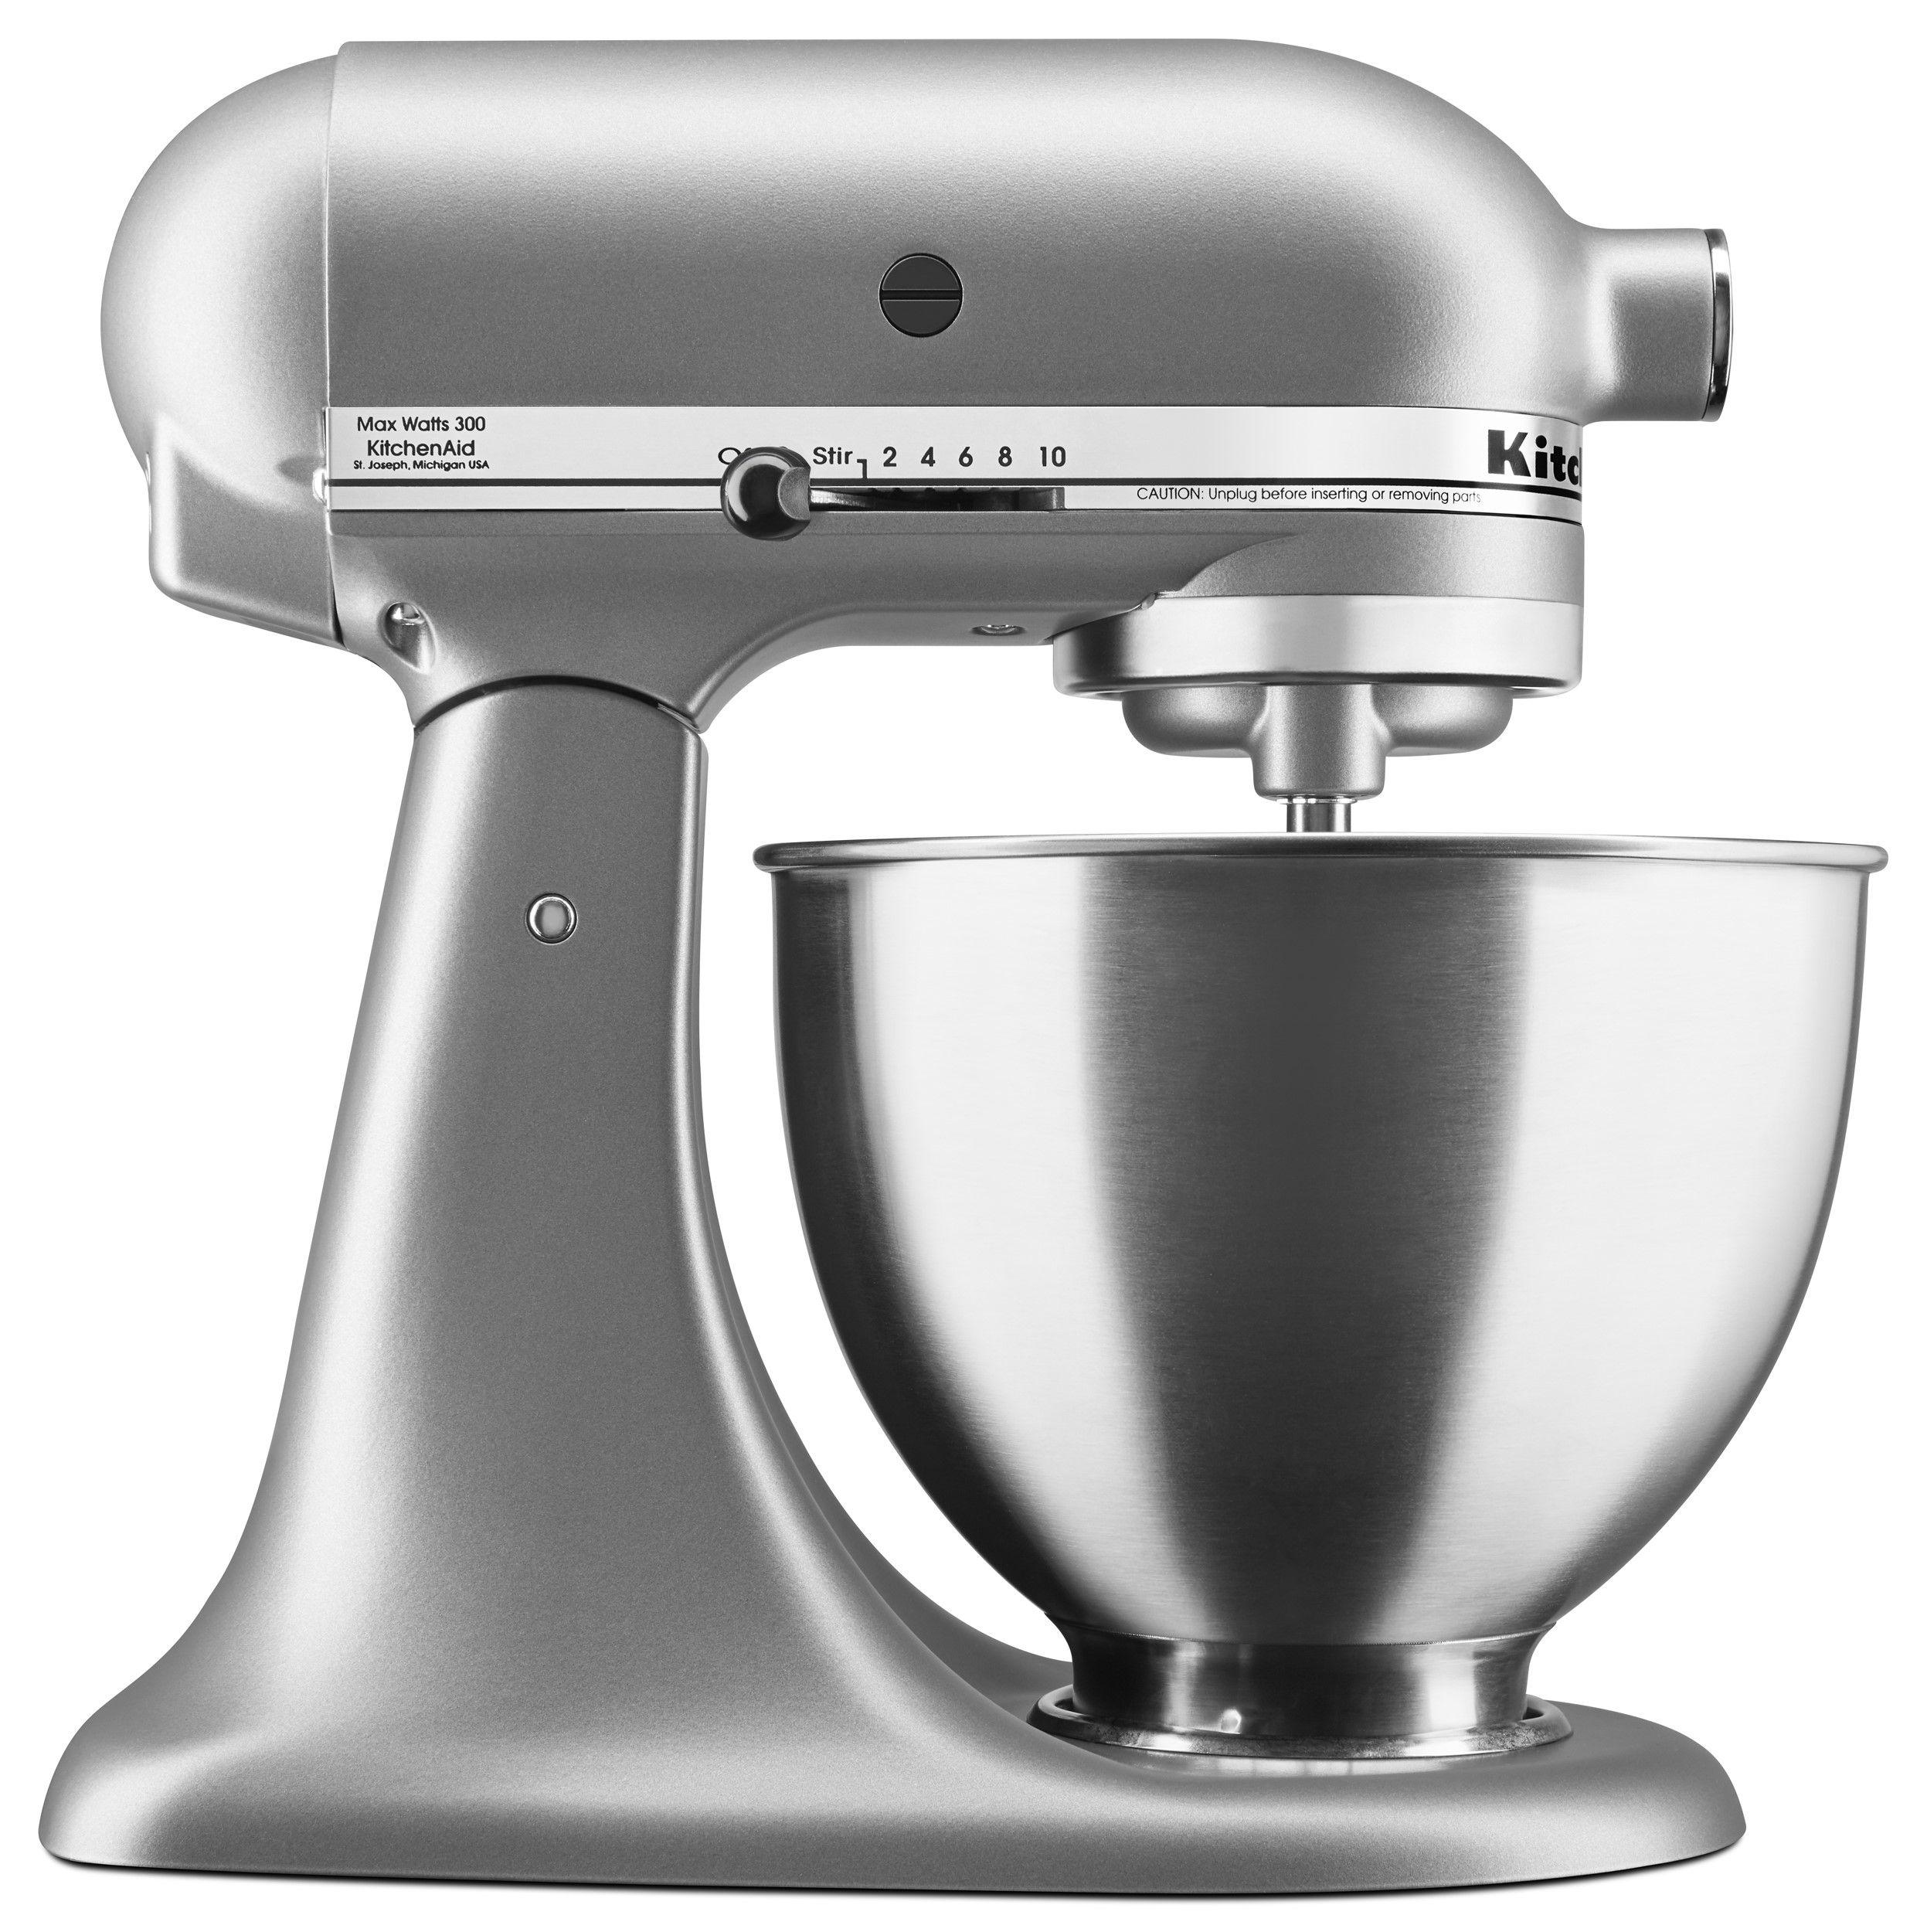 Kitchenaid deluxe 45 quart stand mixer silver ksm88sl